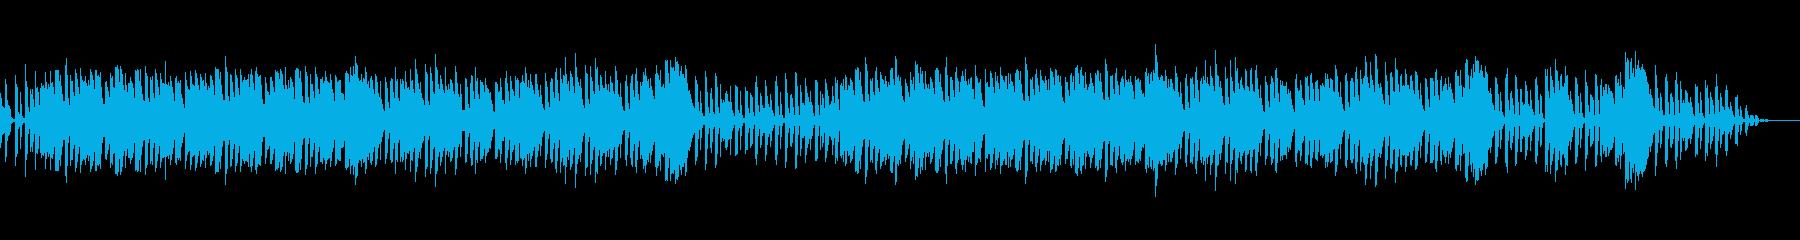 ビブラフォンとレゲエの再生済みの波形